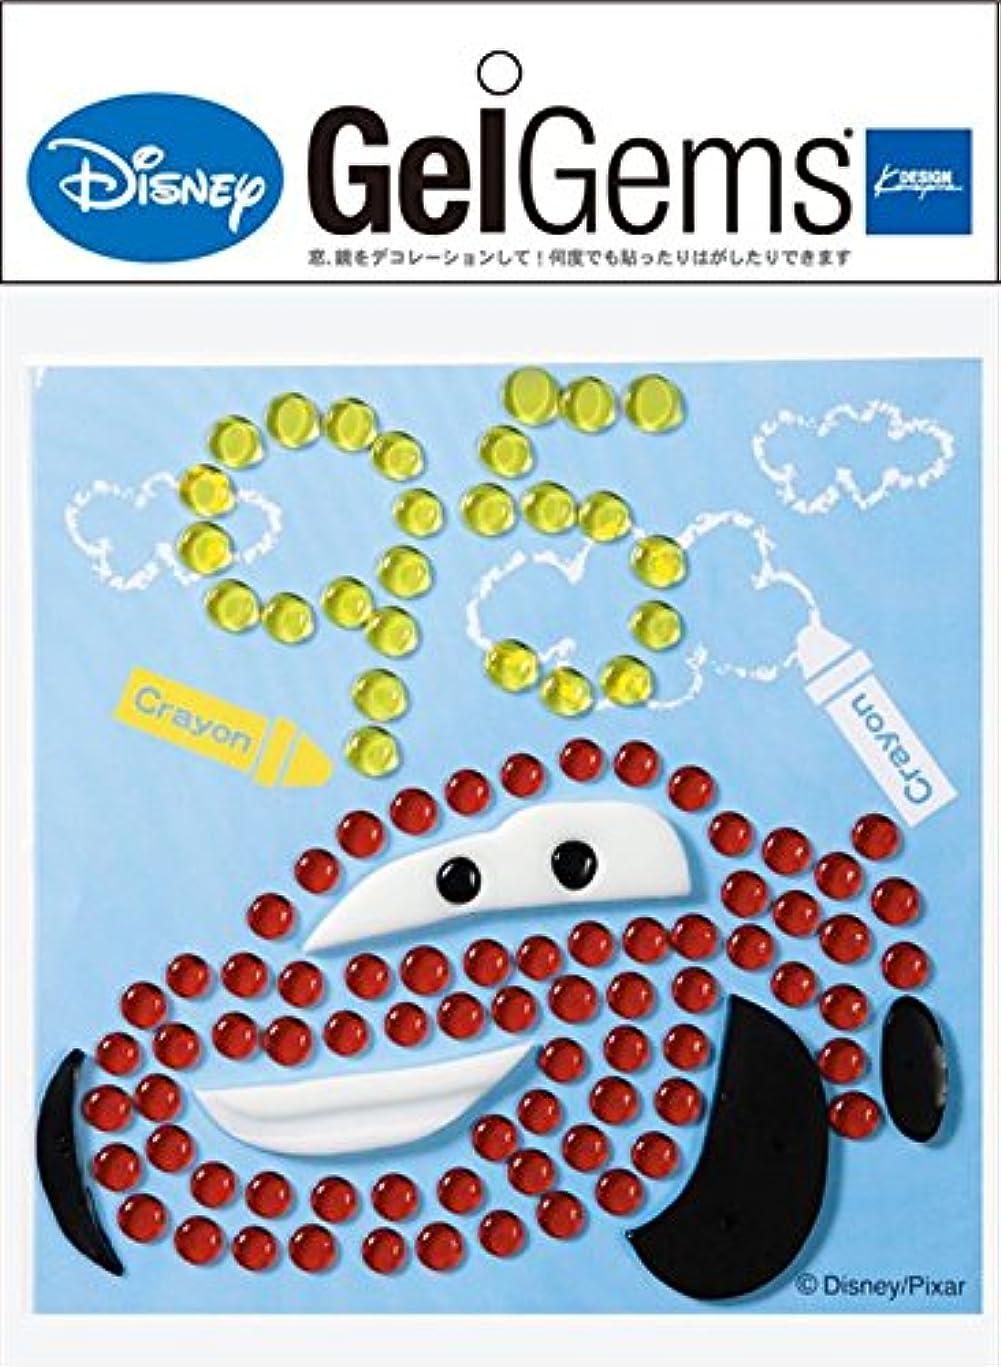 ディズニー(Disney) ジェルジェムディズニーバッグS 「 カーズドット 」 E1050054